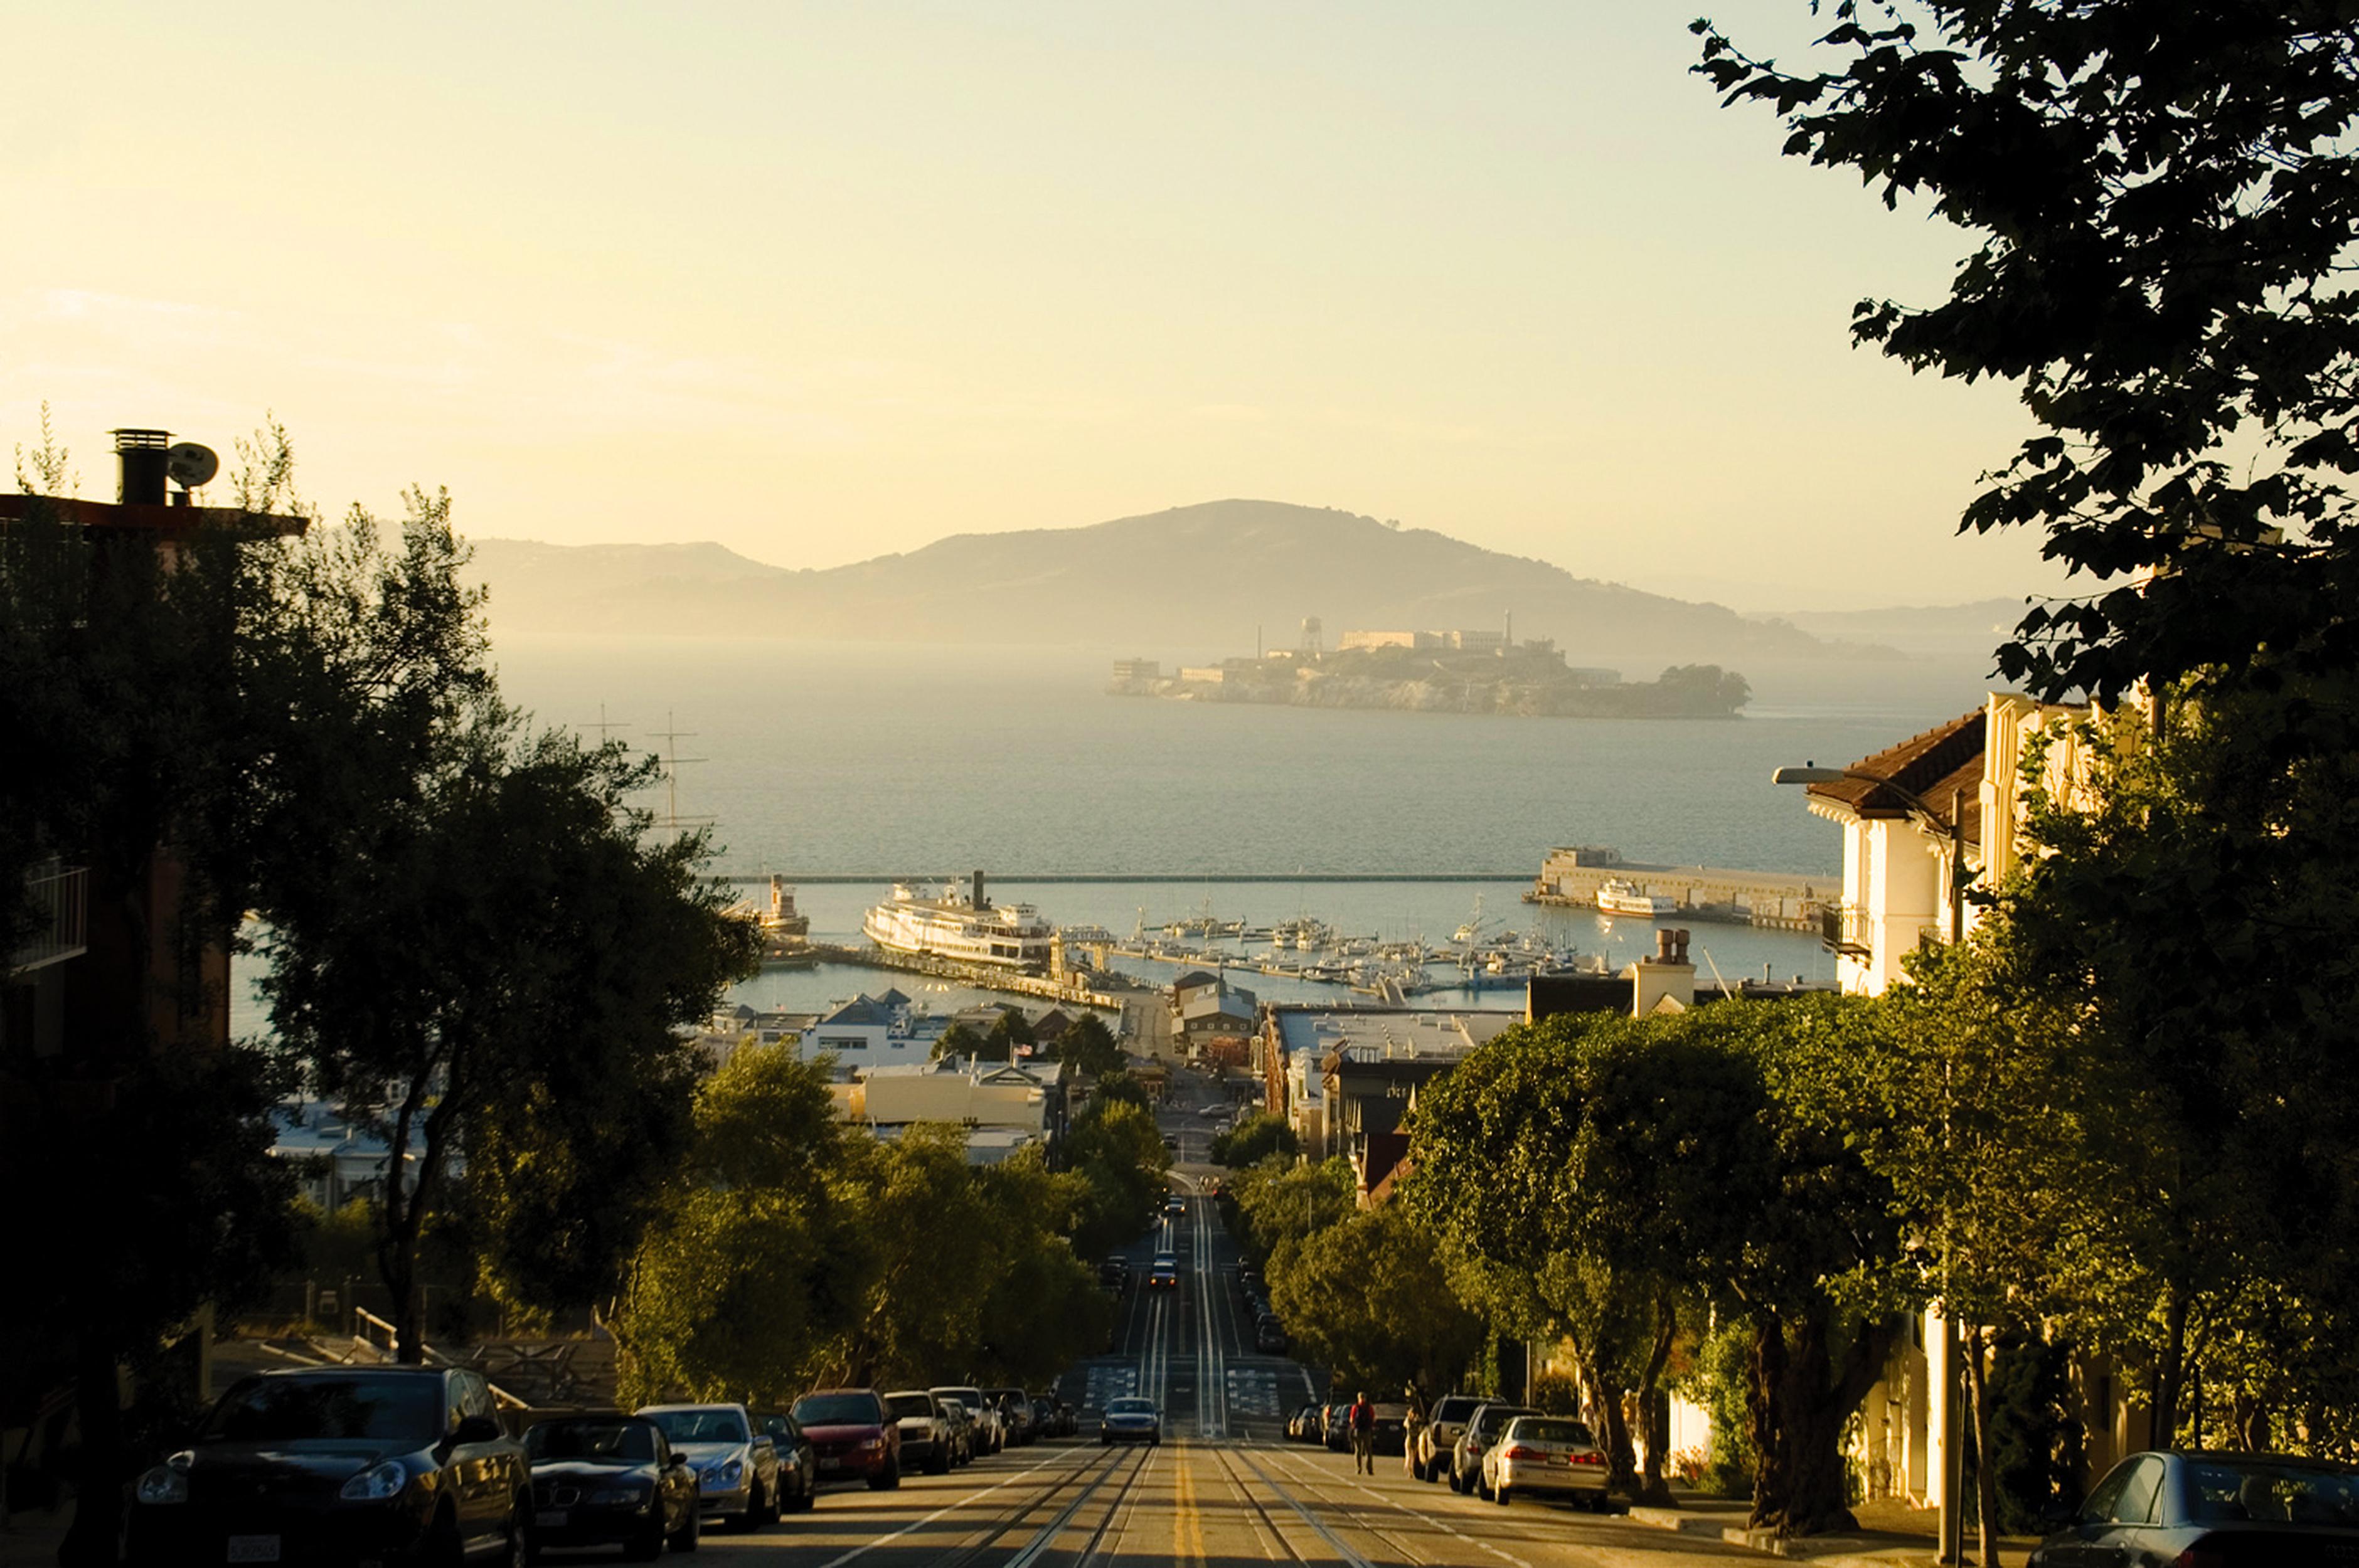 情緒のある街並みが魅力のサンフランシスコ。